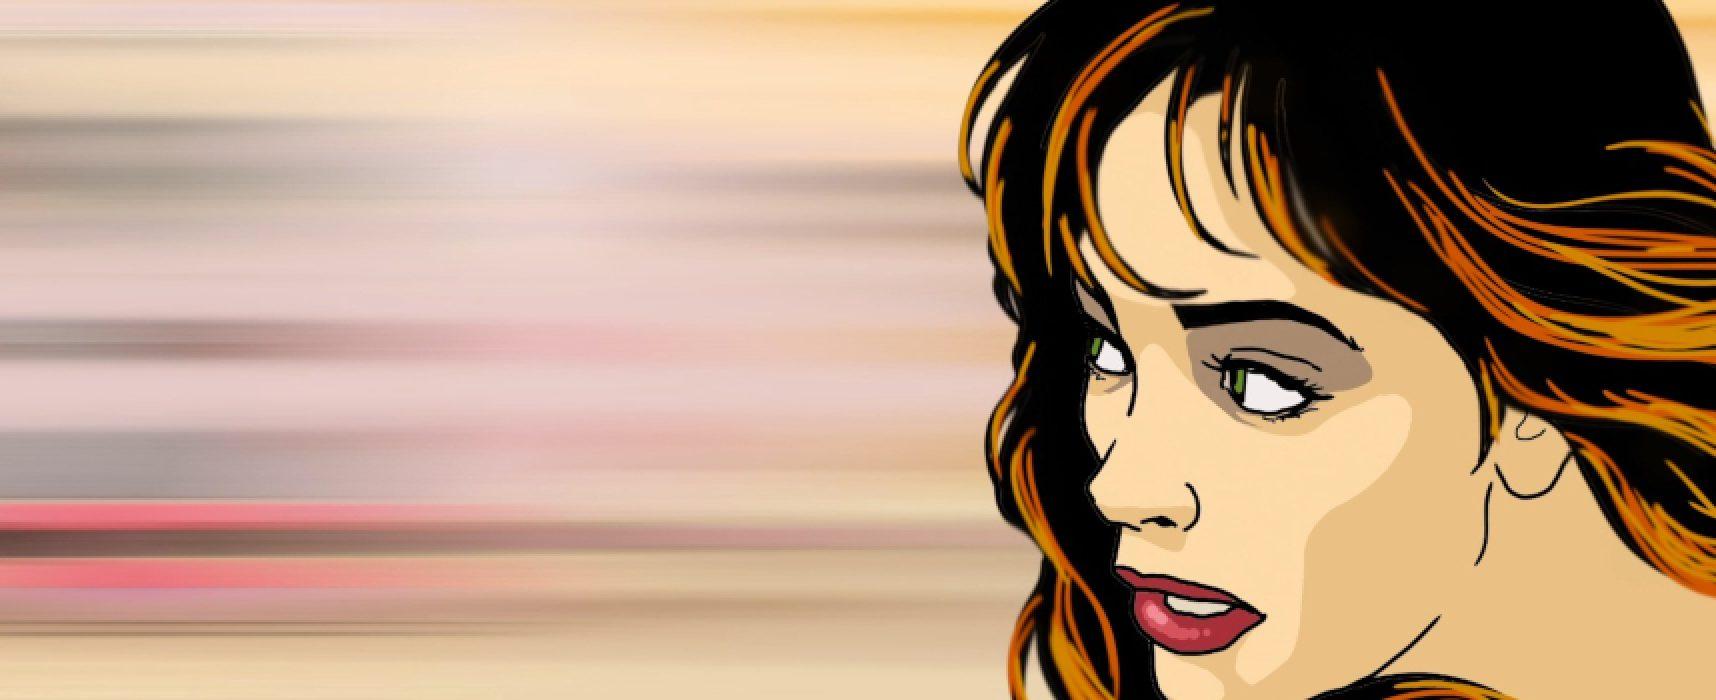 """Film """"Cobra non è"""", animazione creata dal disegnatore biscegliese Velletri / FOTO e VIDEO"""